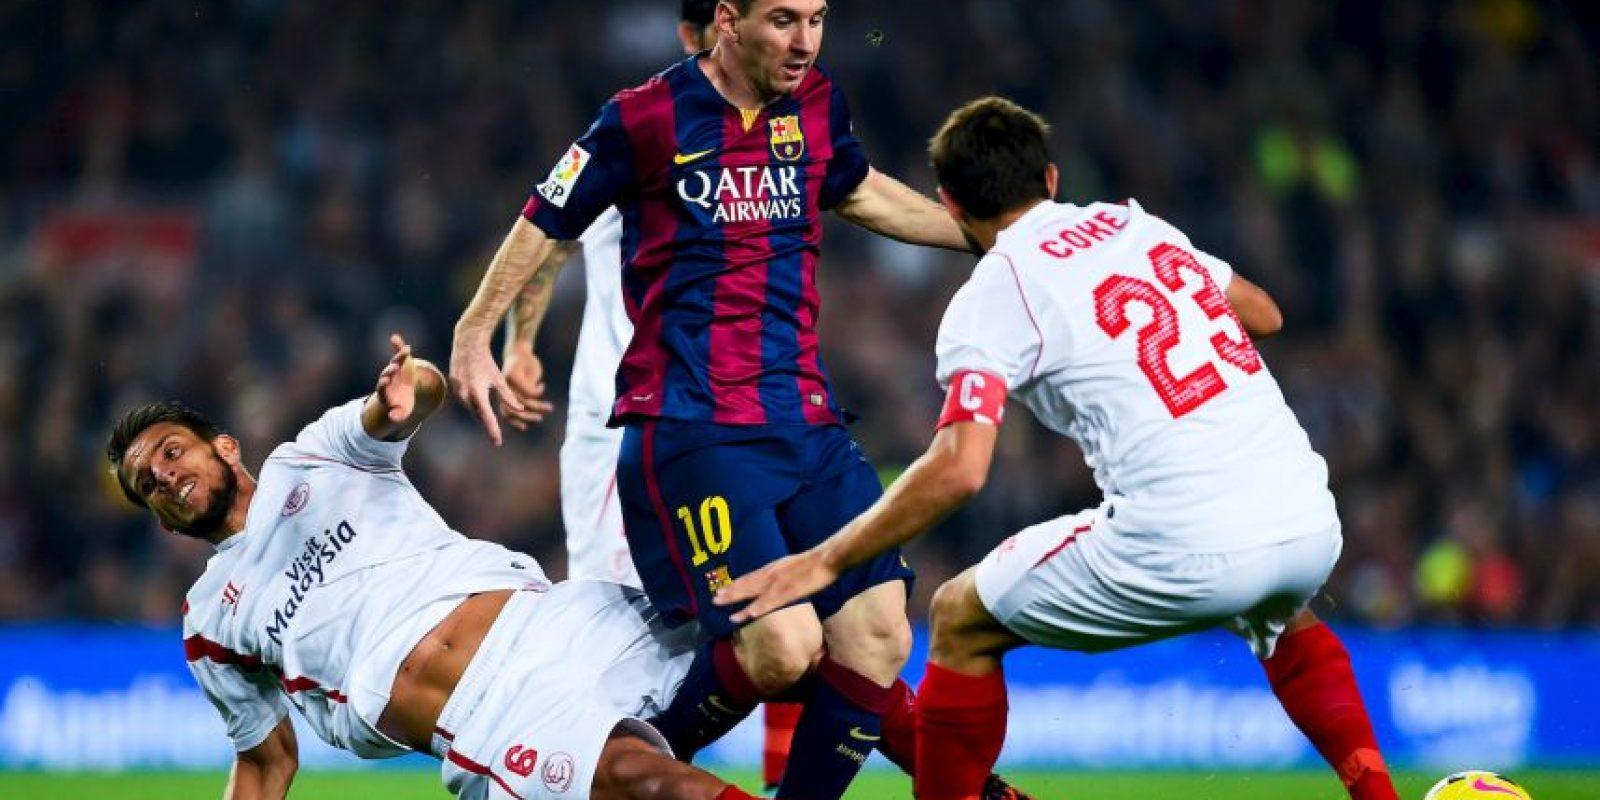 Máximo goleador en una Liga: la temporada 2011/12, con 50 goles. Foto:Getty Images